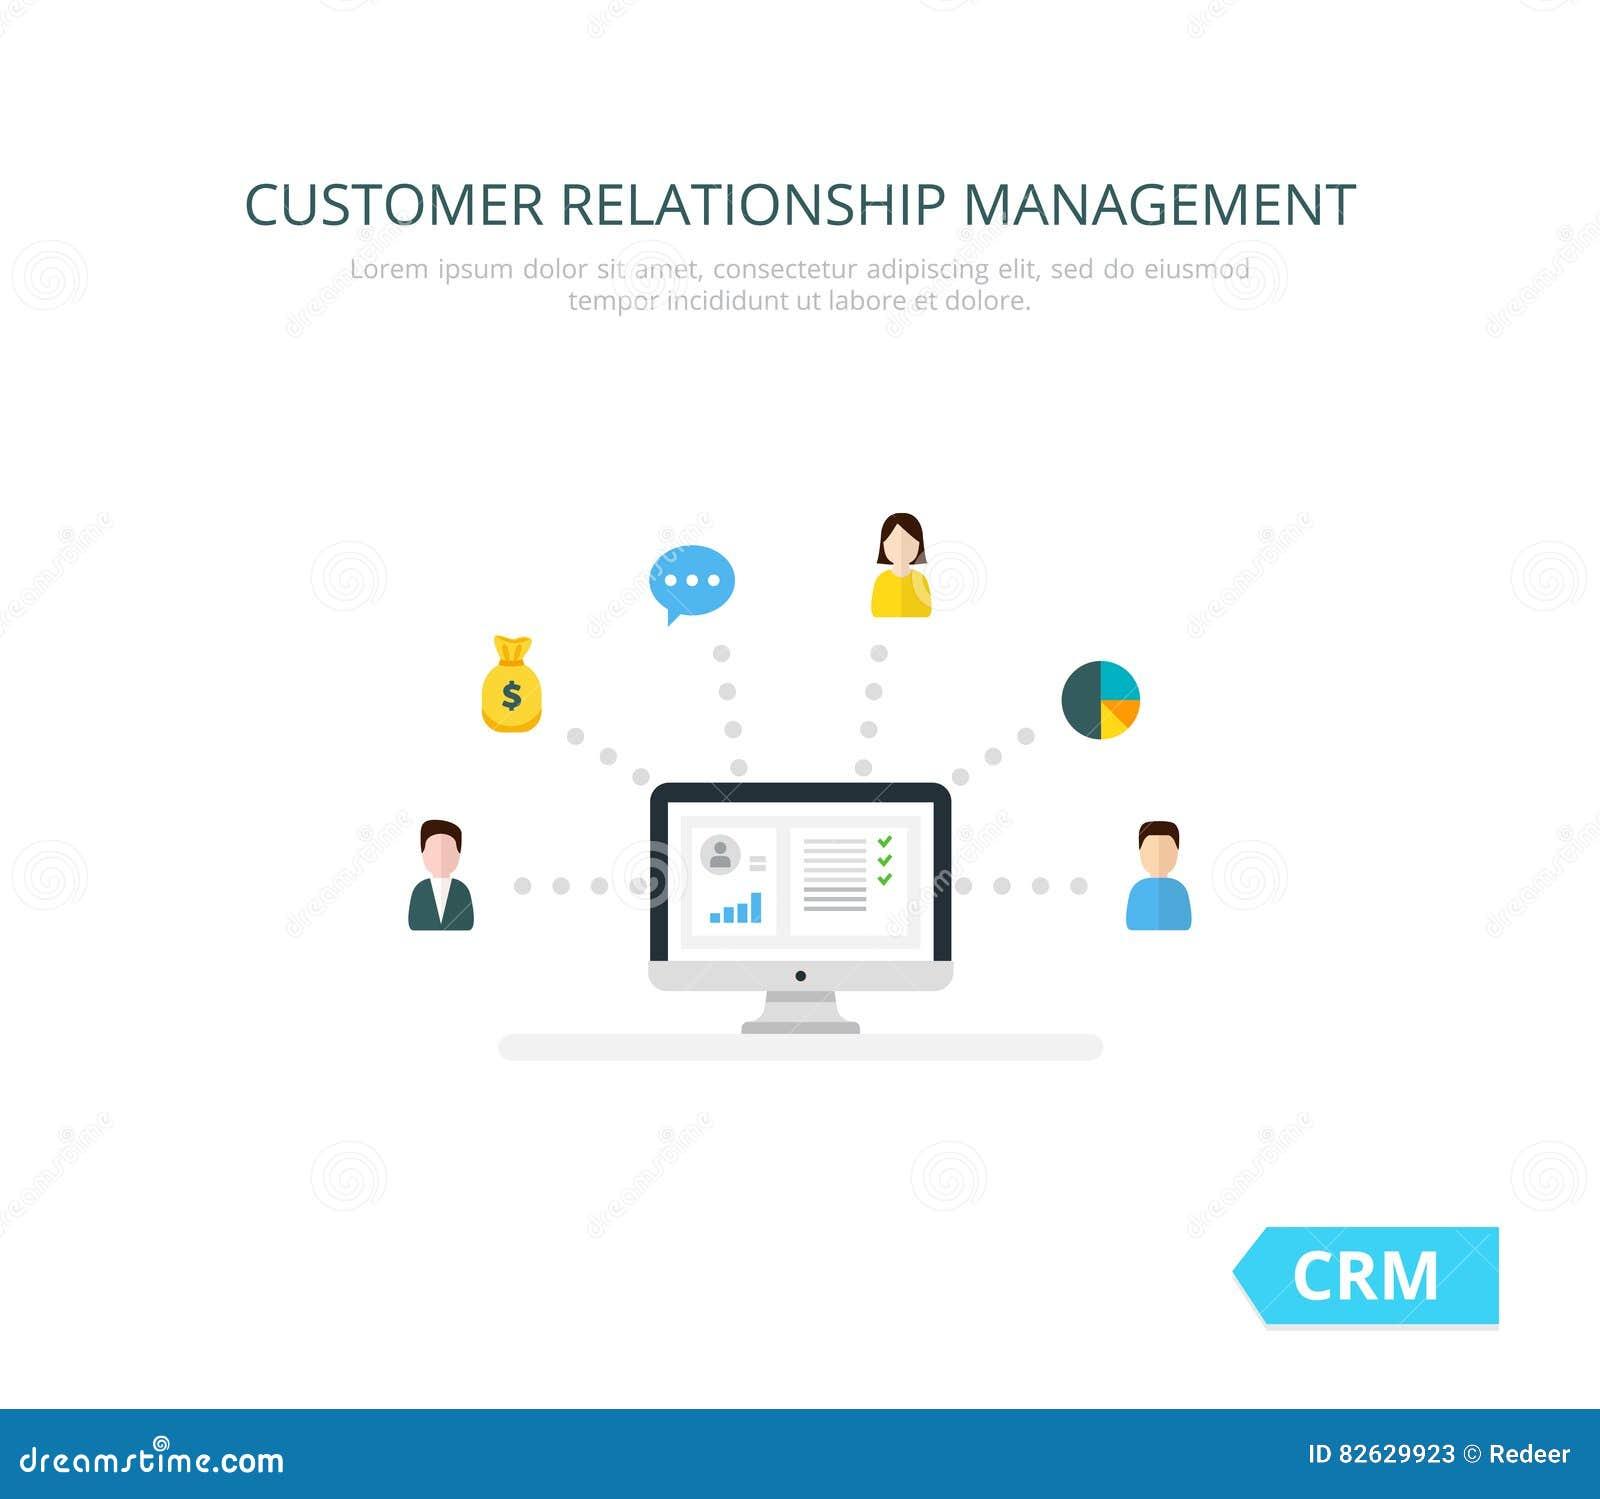 Organisation von Daten bezüglich der Arbeit mit Kunden, CRM-Konzept Kunden-Verhältnis-Managementillustration